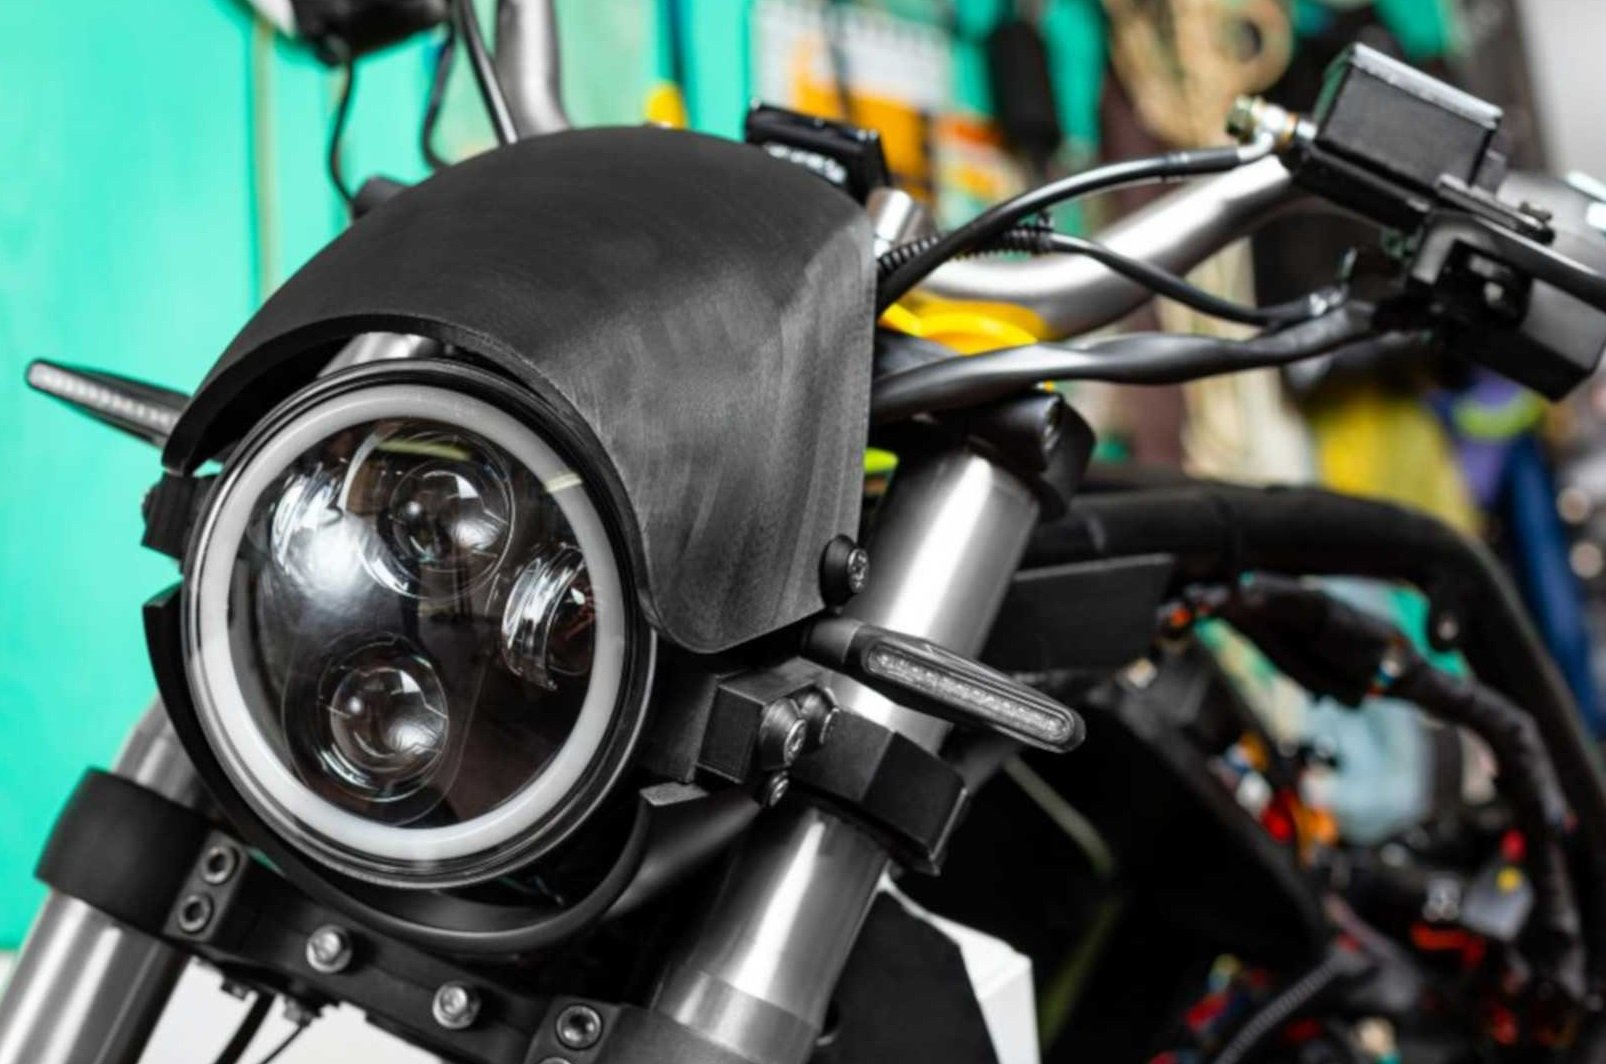 Поляк напечатал функциональный 3D-прототип электроцикла